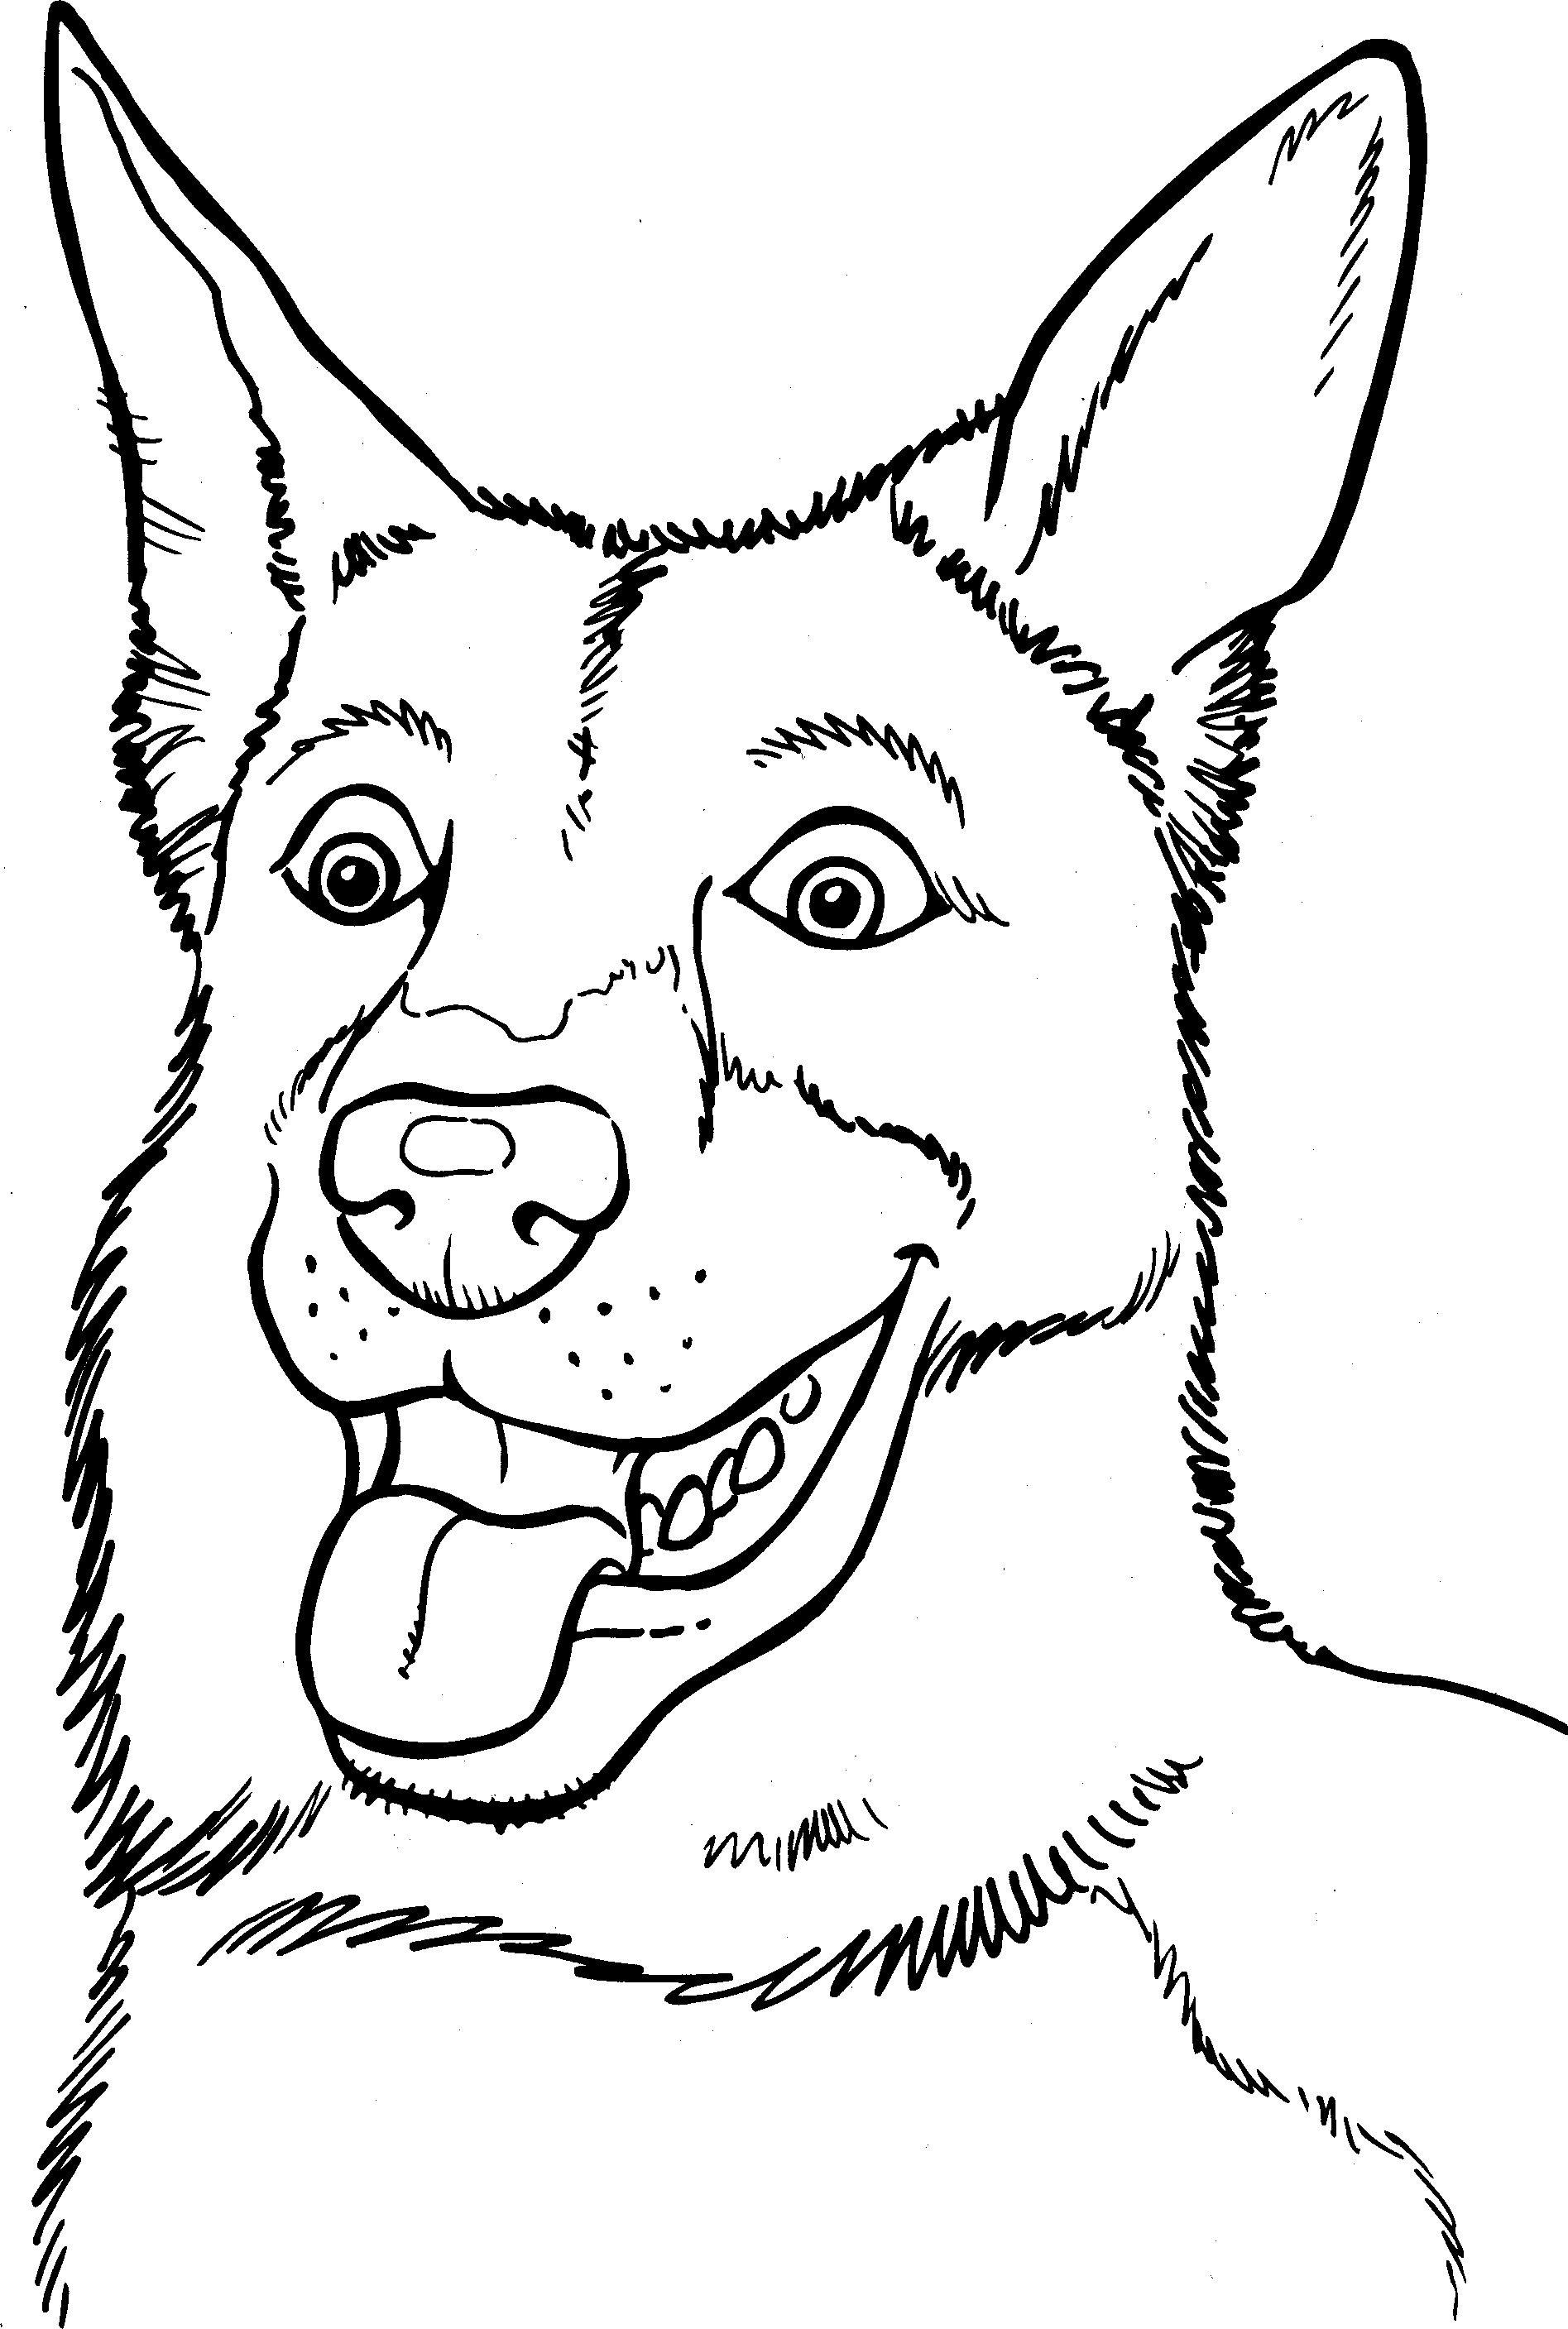 Poesjes Kleurplaten Volwassenen Honden Kleurplaat Kleurplaat Pinterest Honden